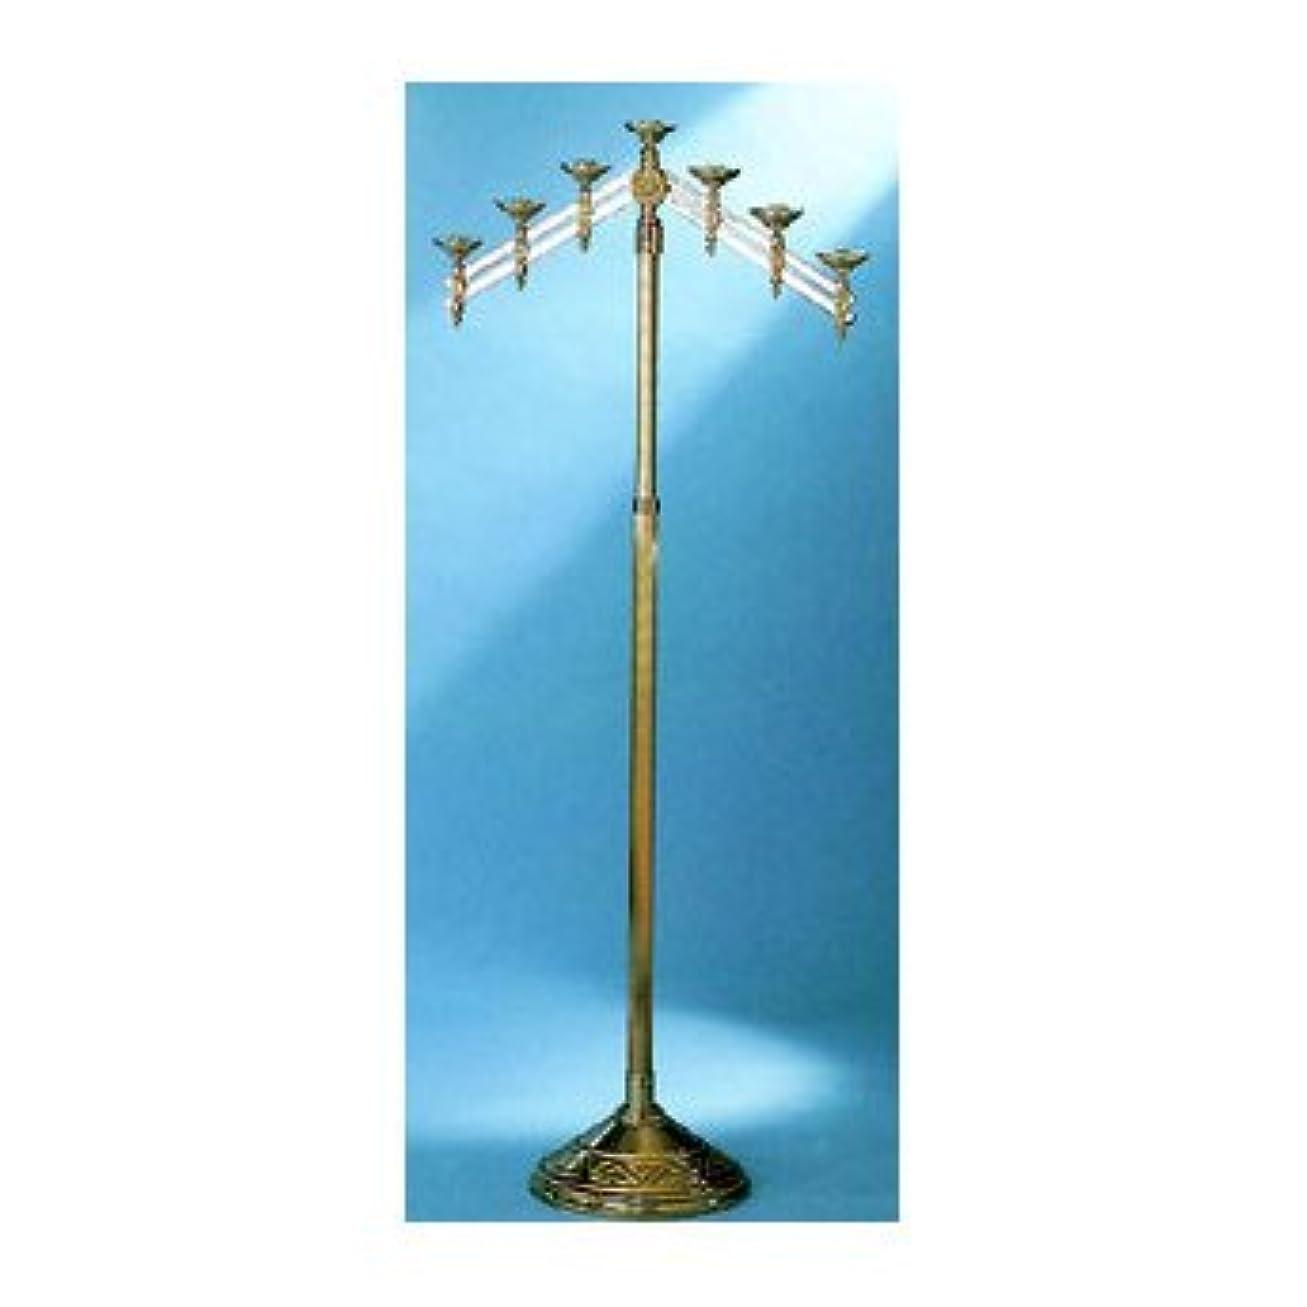 偽装するピース悲劇的な教会床燭台with Adjustable Arms Metal Finish: 7-Lite, High Polish Bronze 24012-7-BZ